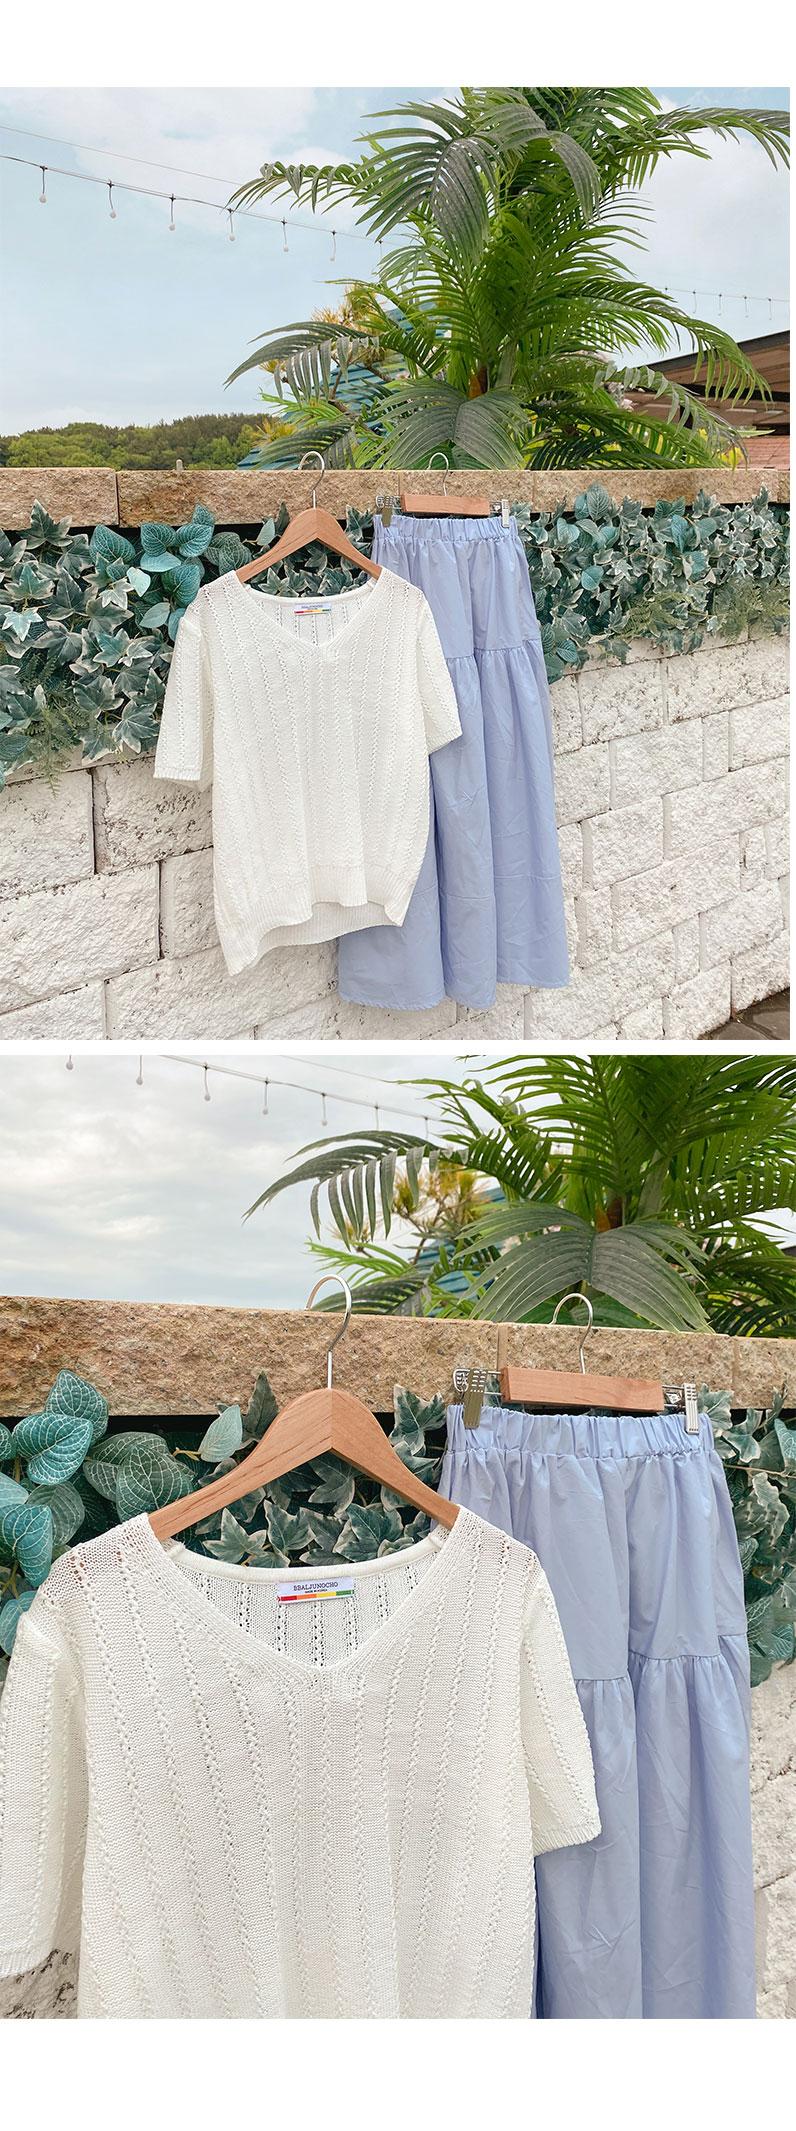 V-Neck Short Sleeve Knitwear